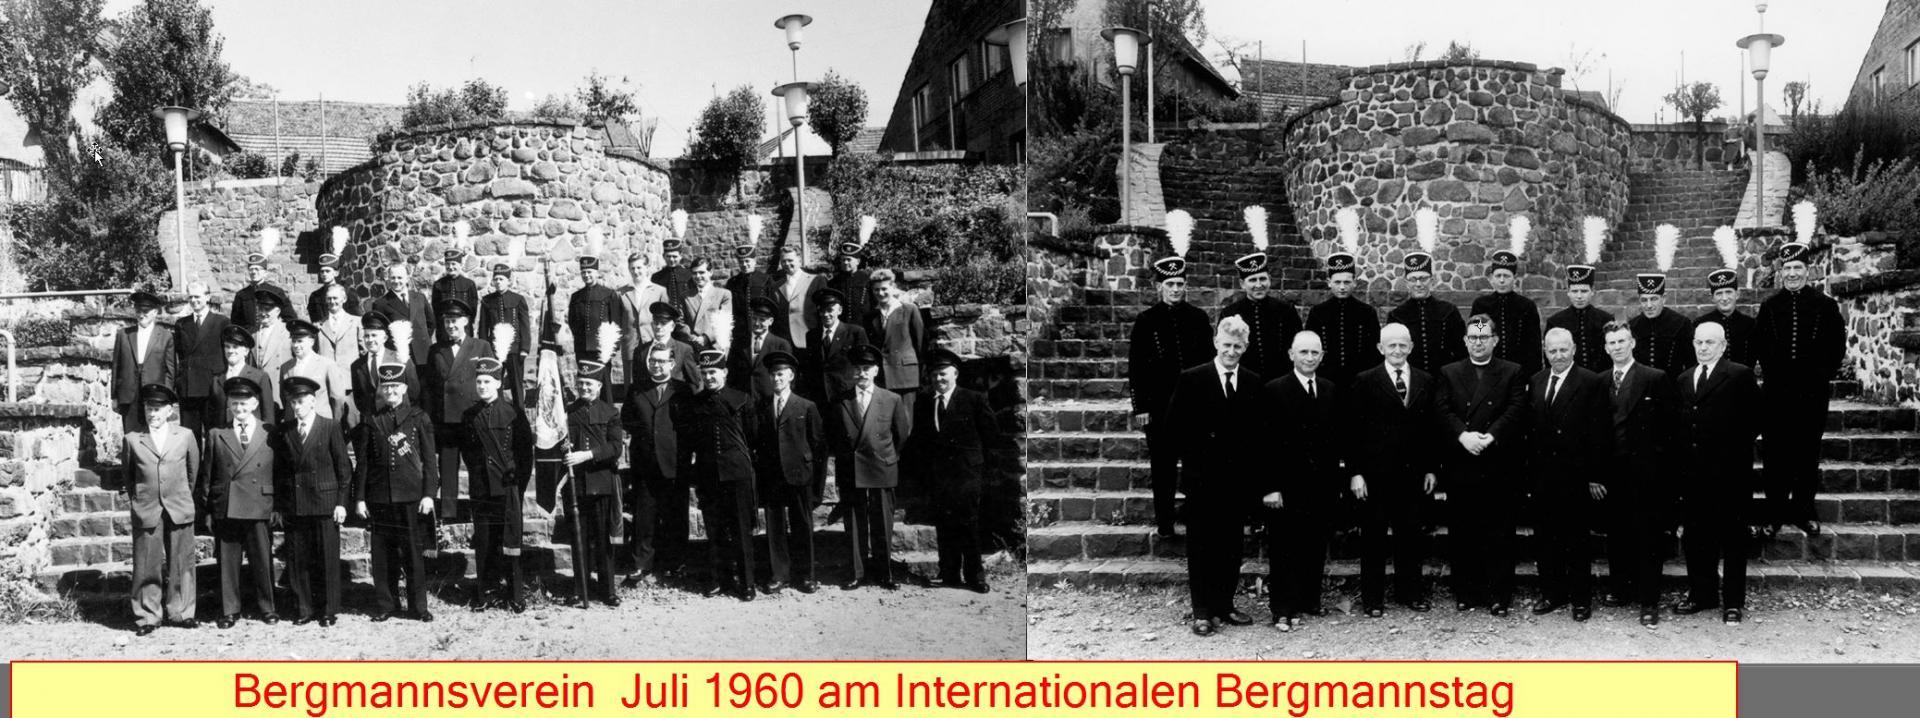 1960 Bergmannsverein